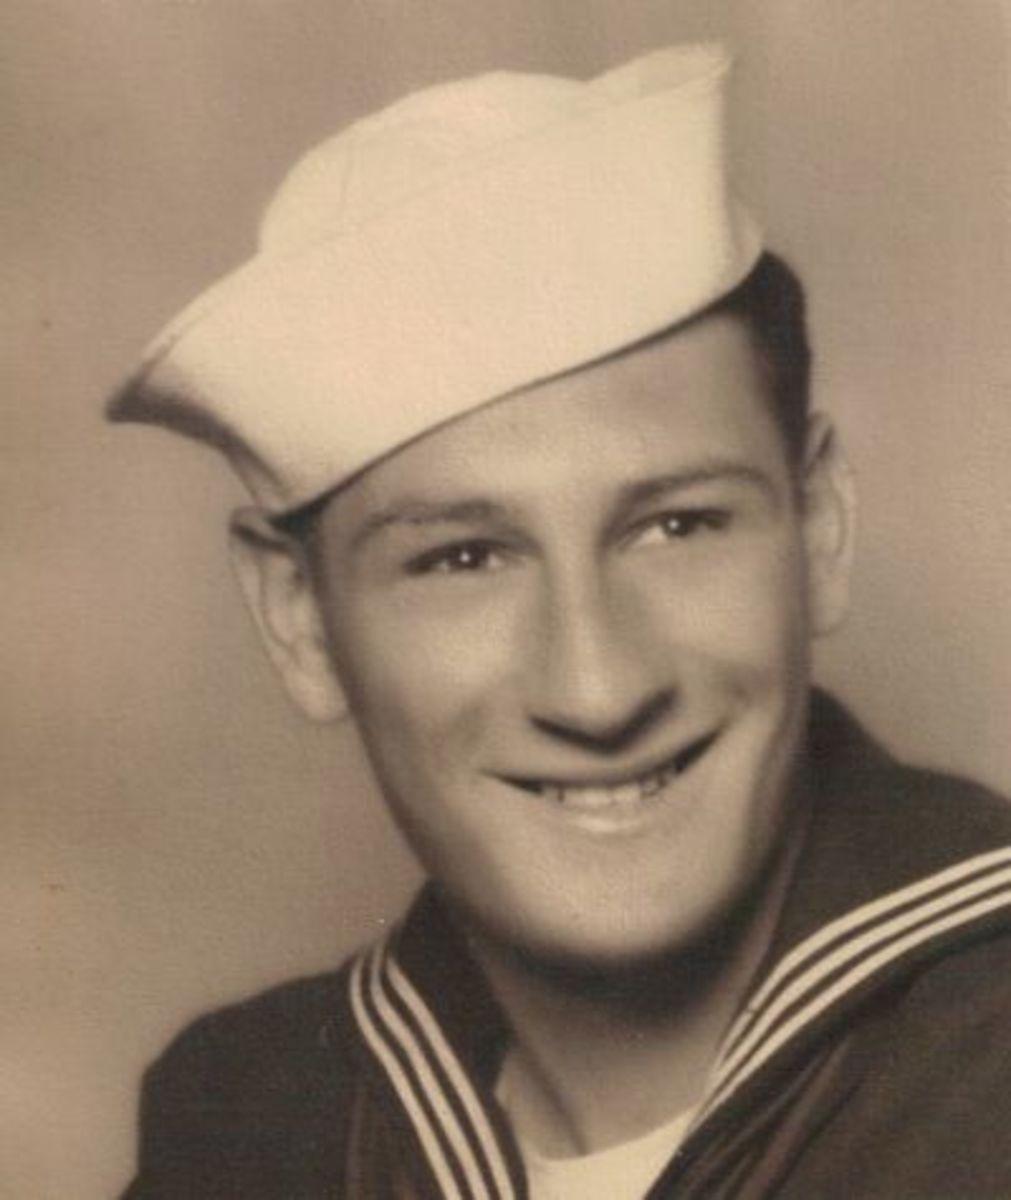 My dad, a U.S. Navy sailor